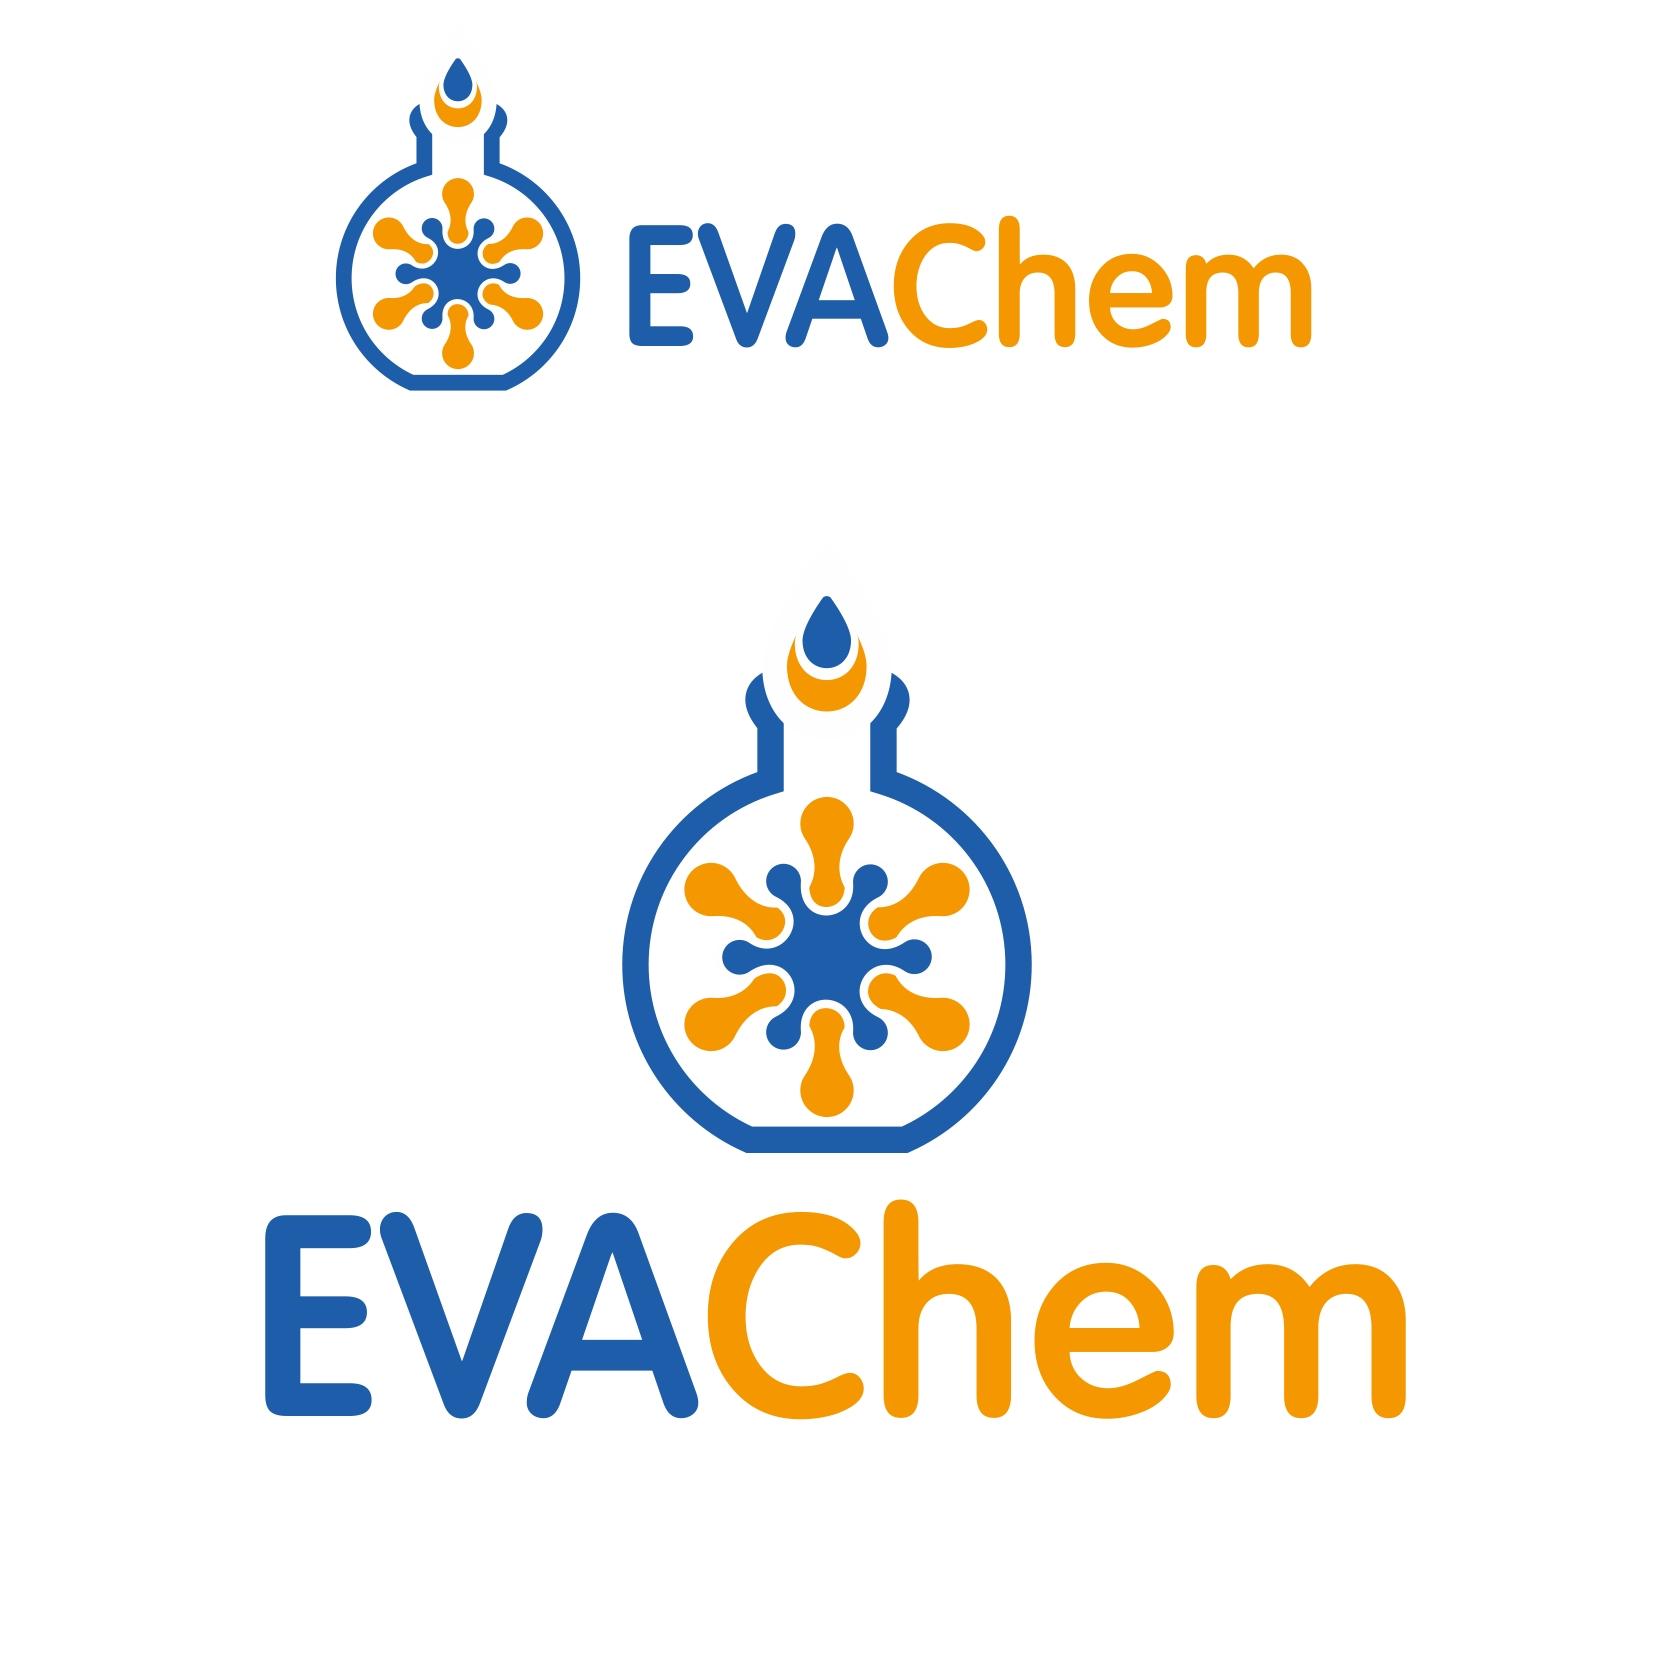 Разработка логотипа и фирменного стиля компании фото f_522571e21430eda8.jpg